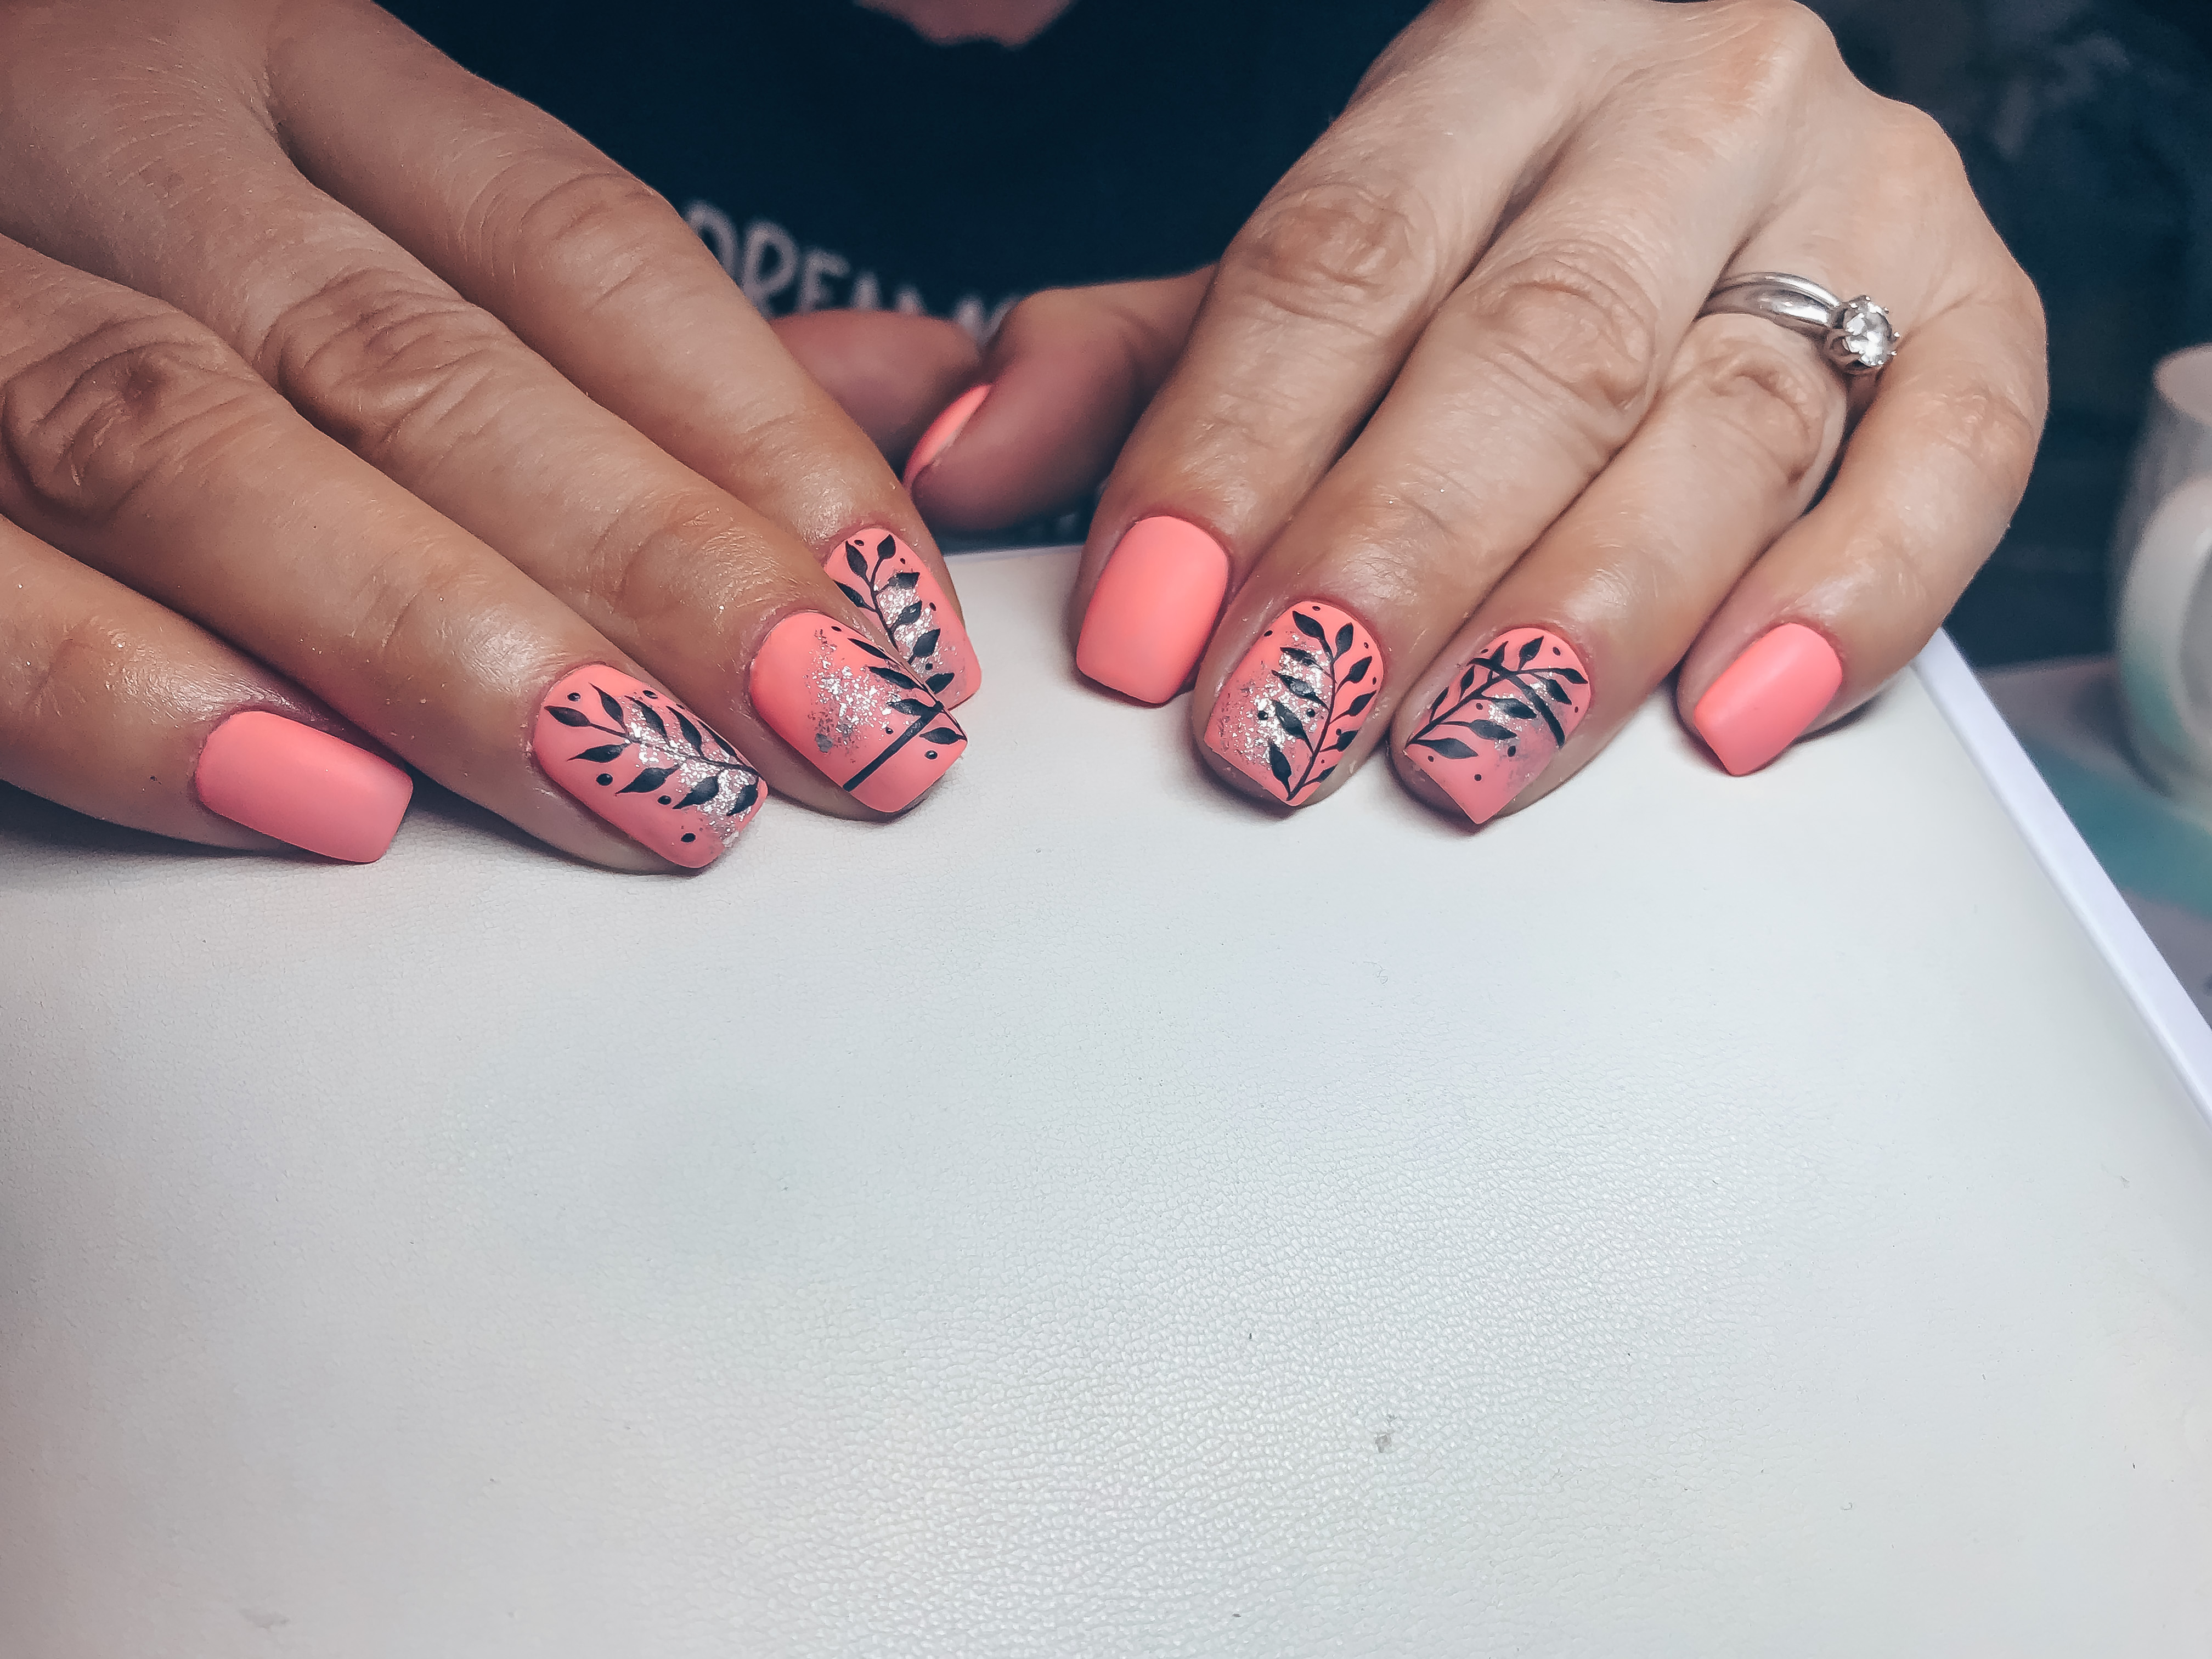 Матовый маникюр с растительными рисунками и серебряной фольгой в розовом цвете на короткие ногти.